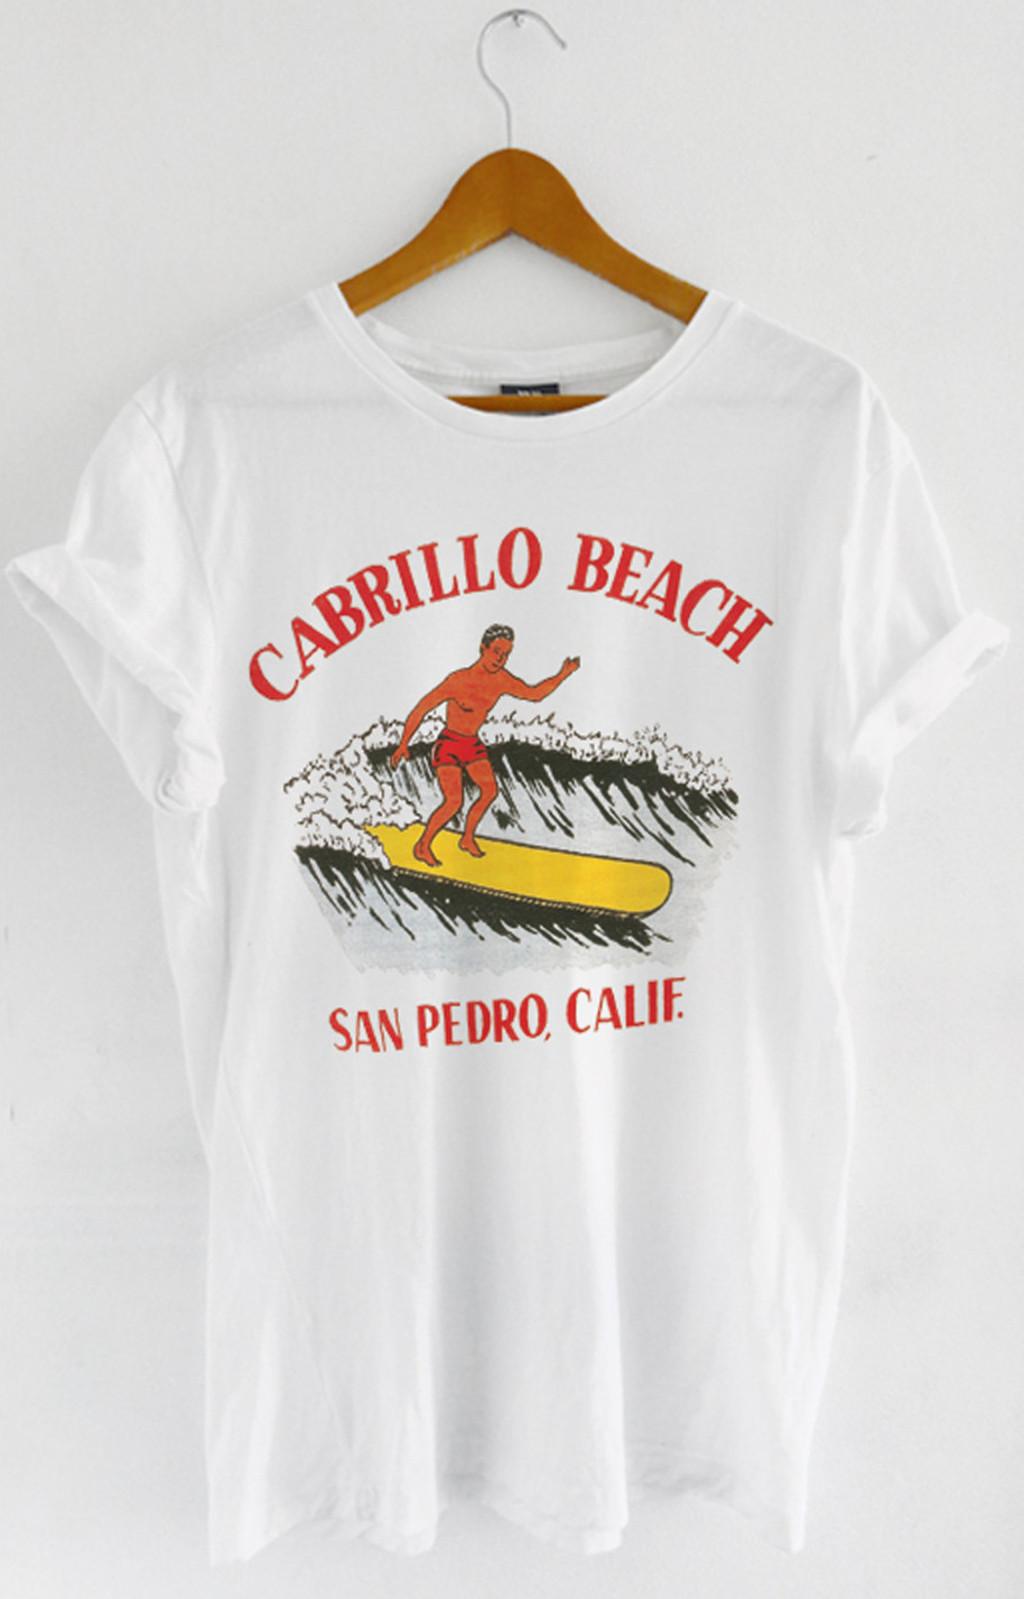 T-shirt Cabrillo Beach